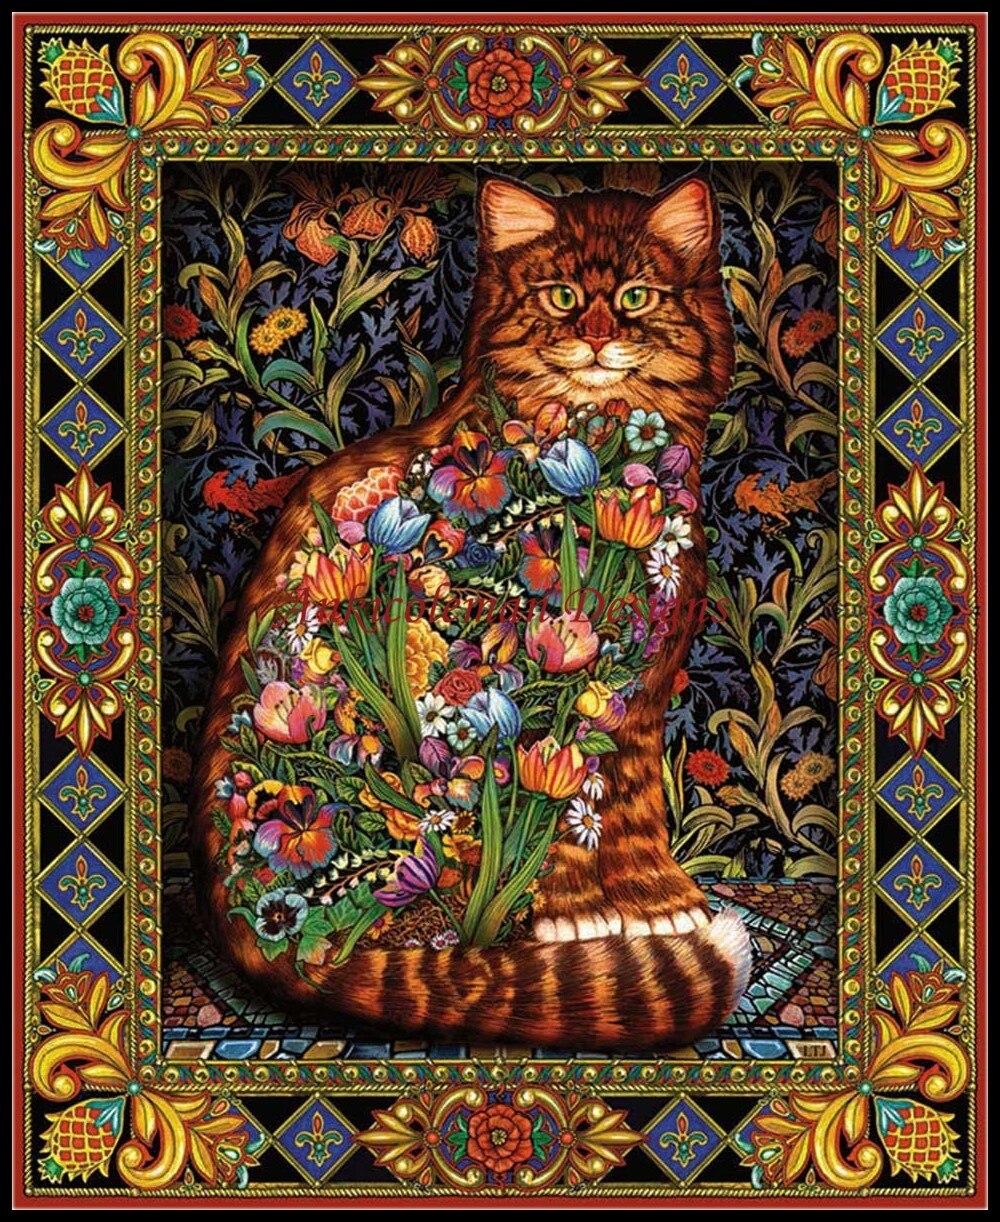 Рукоделие для вышивка DIY Французский DMC высокое качество-счетный крест Наборы 14 CT картина маслом-Гобелены Cat